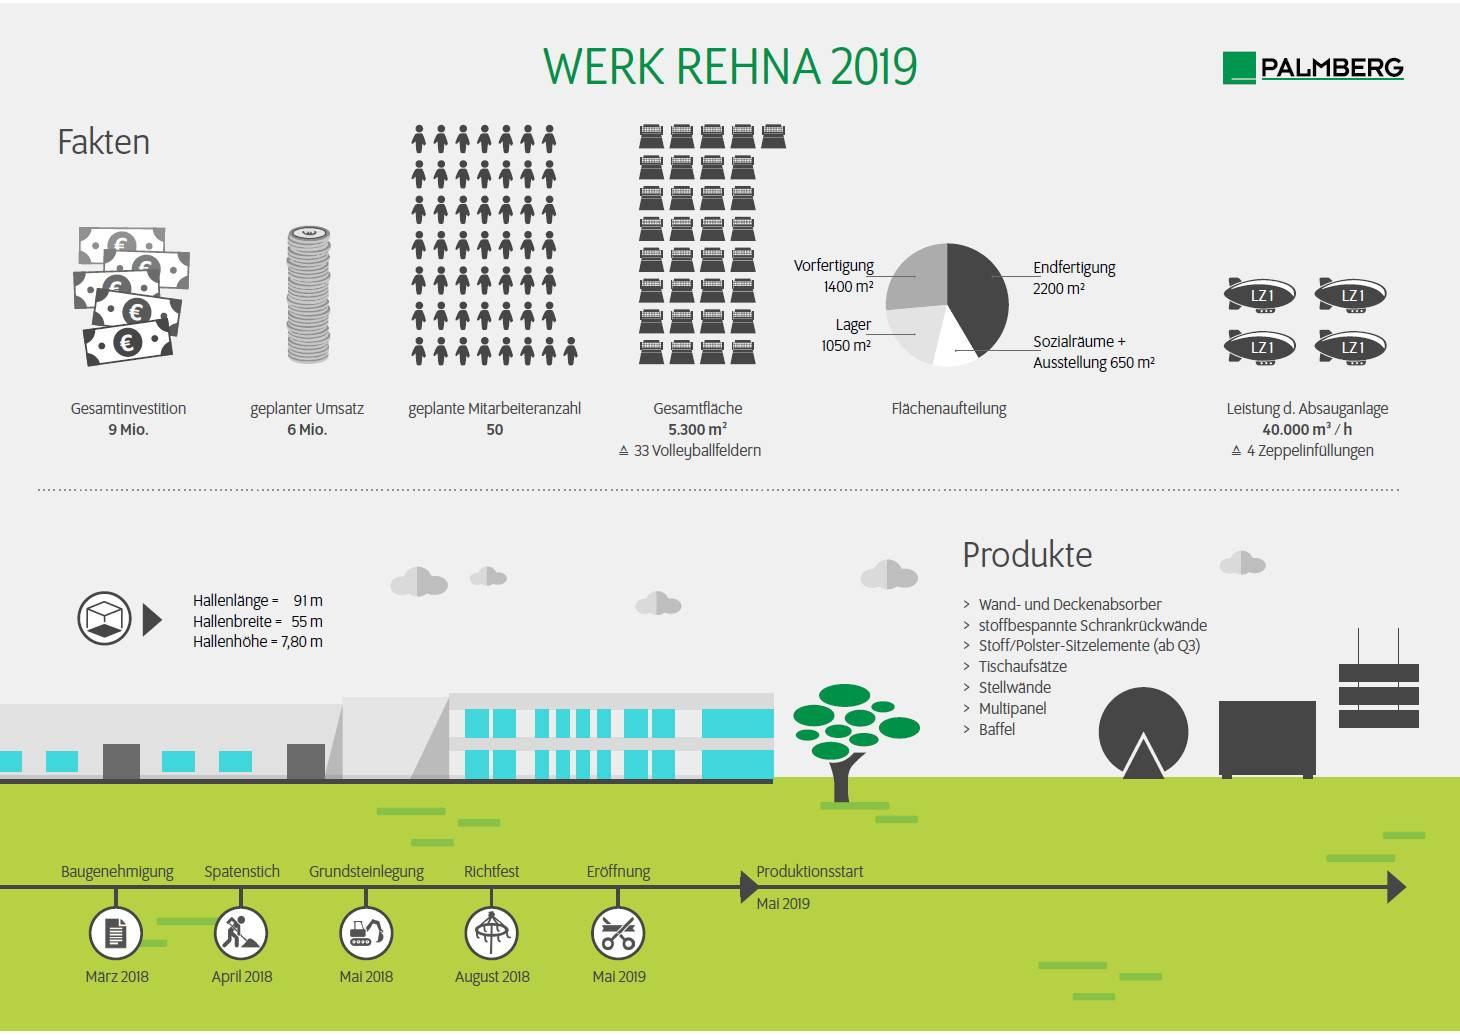 Neues Palmberg-Werk in Rehna eröffnet